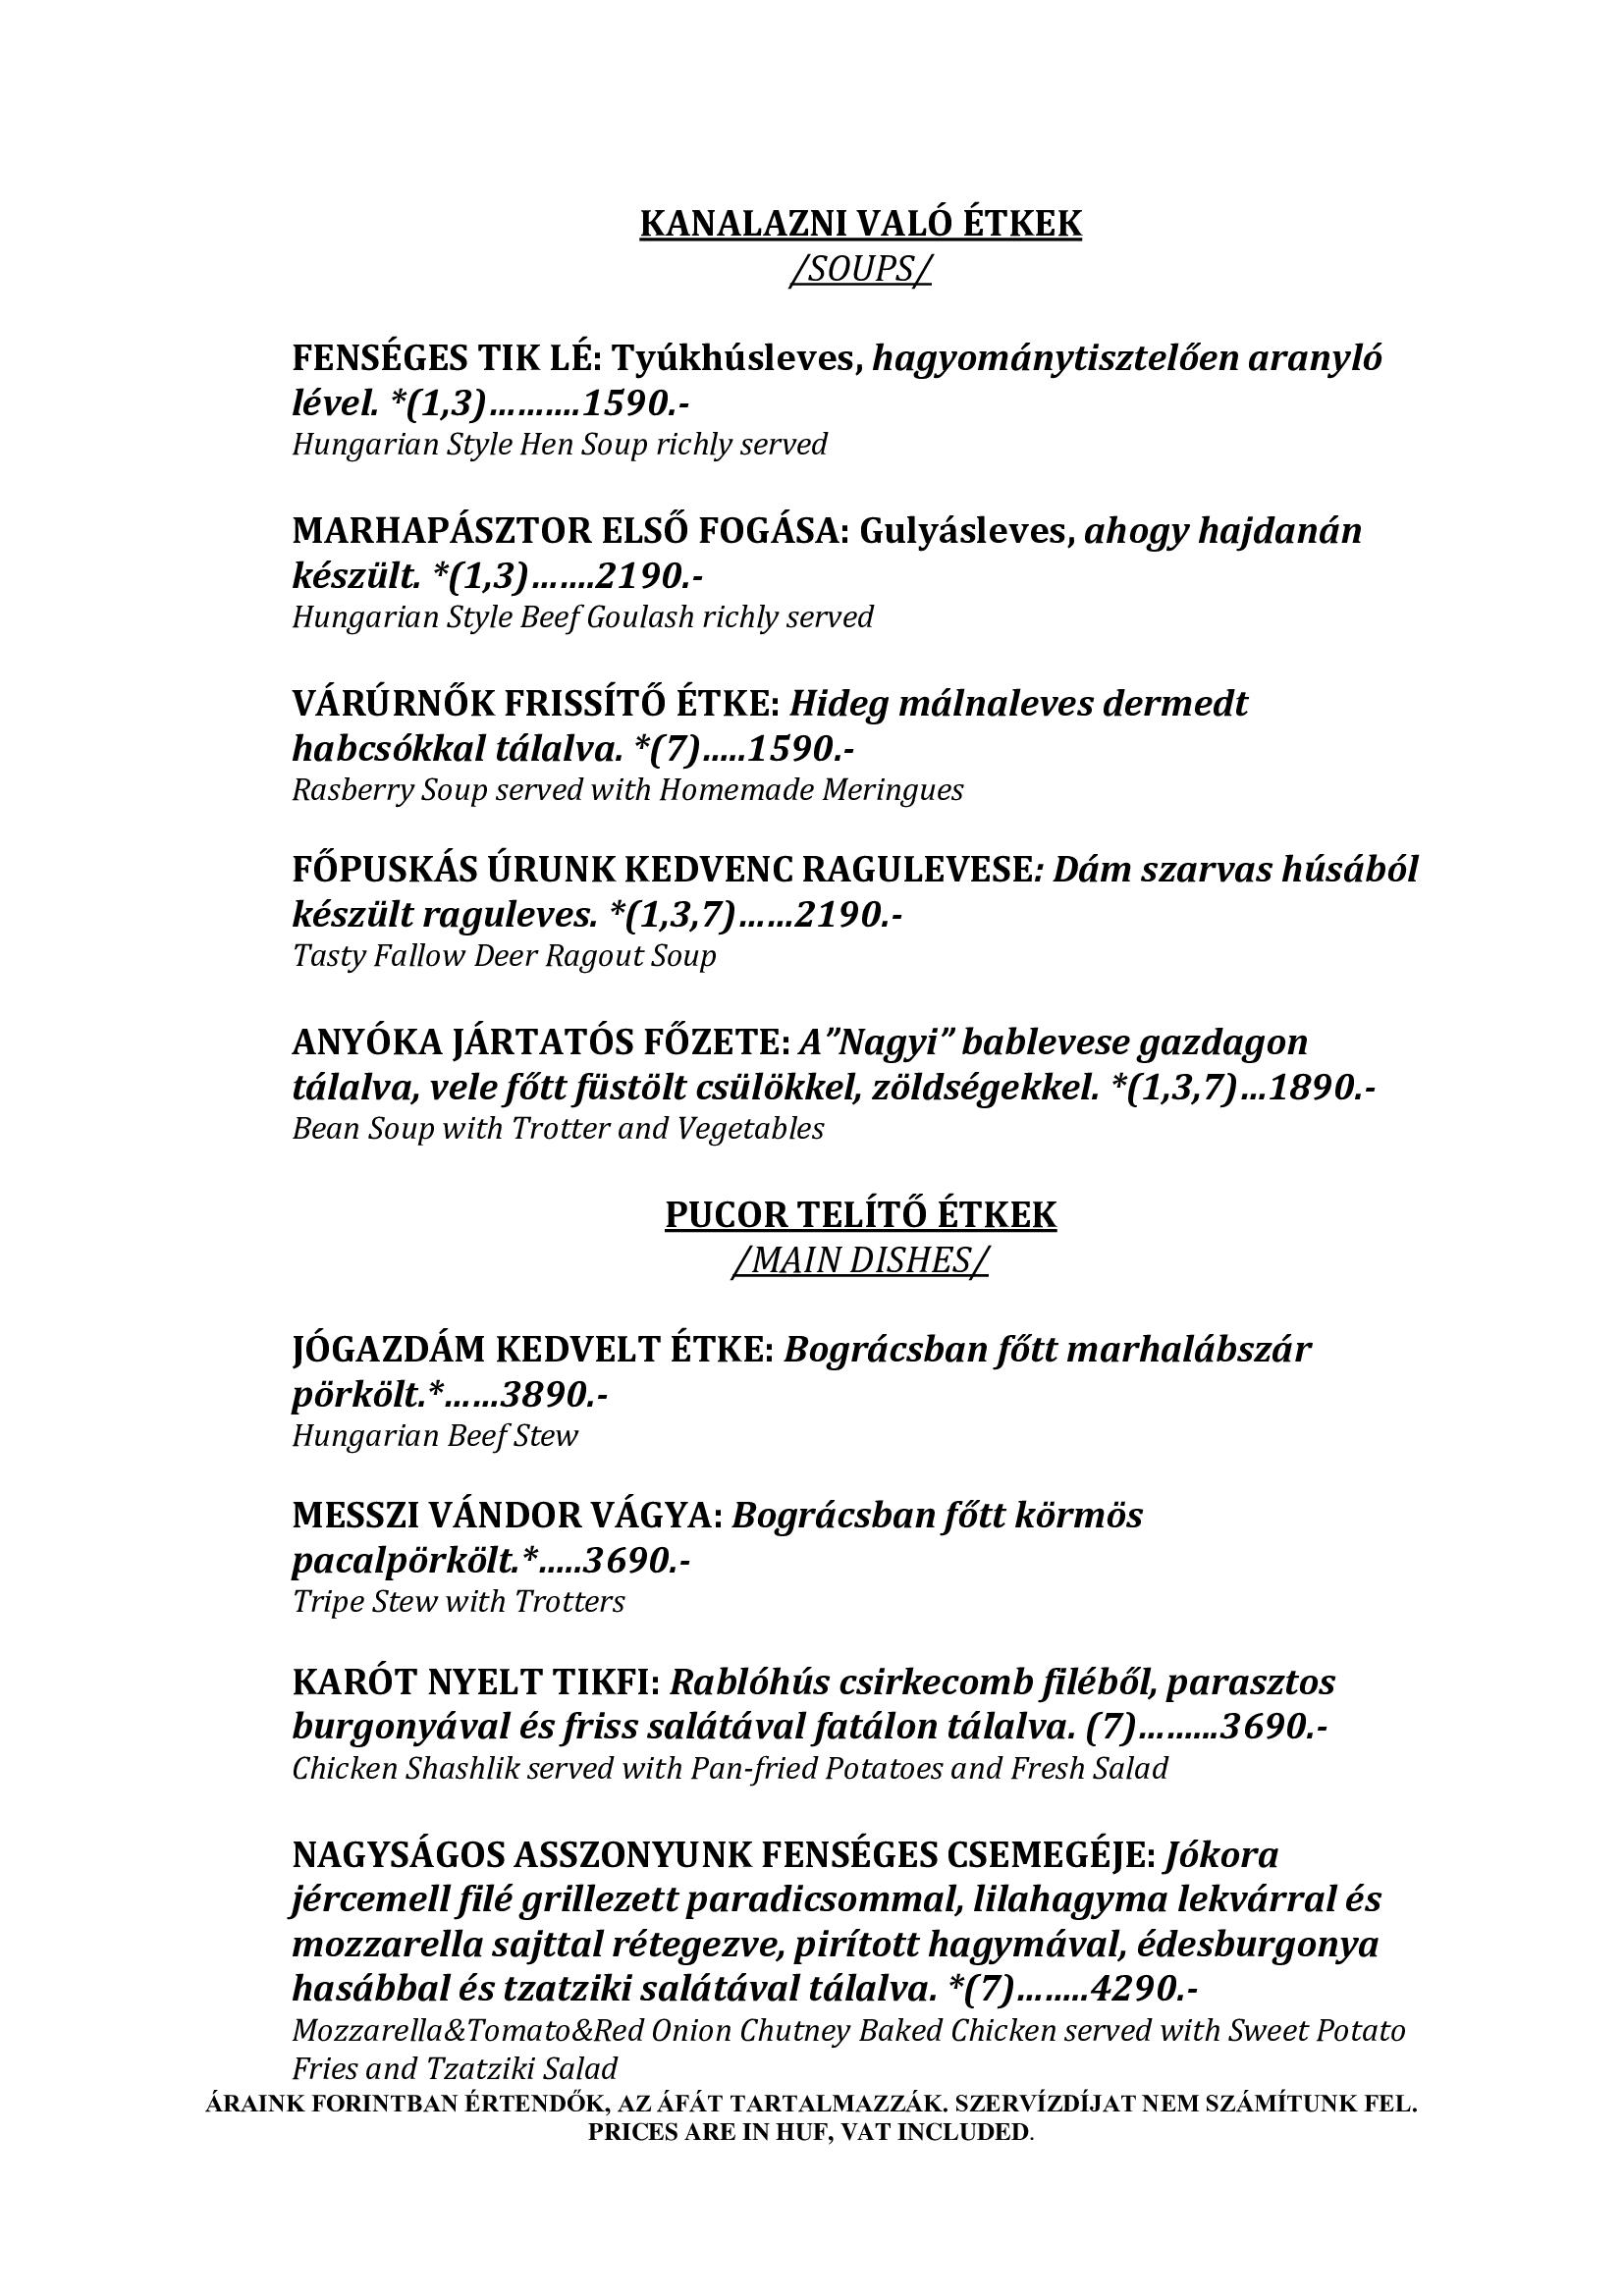 Középkori étlap